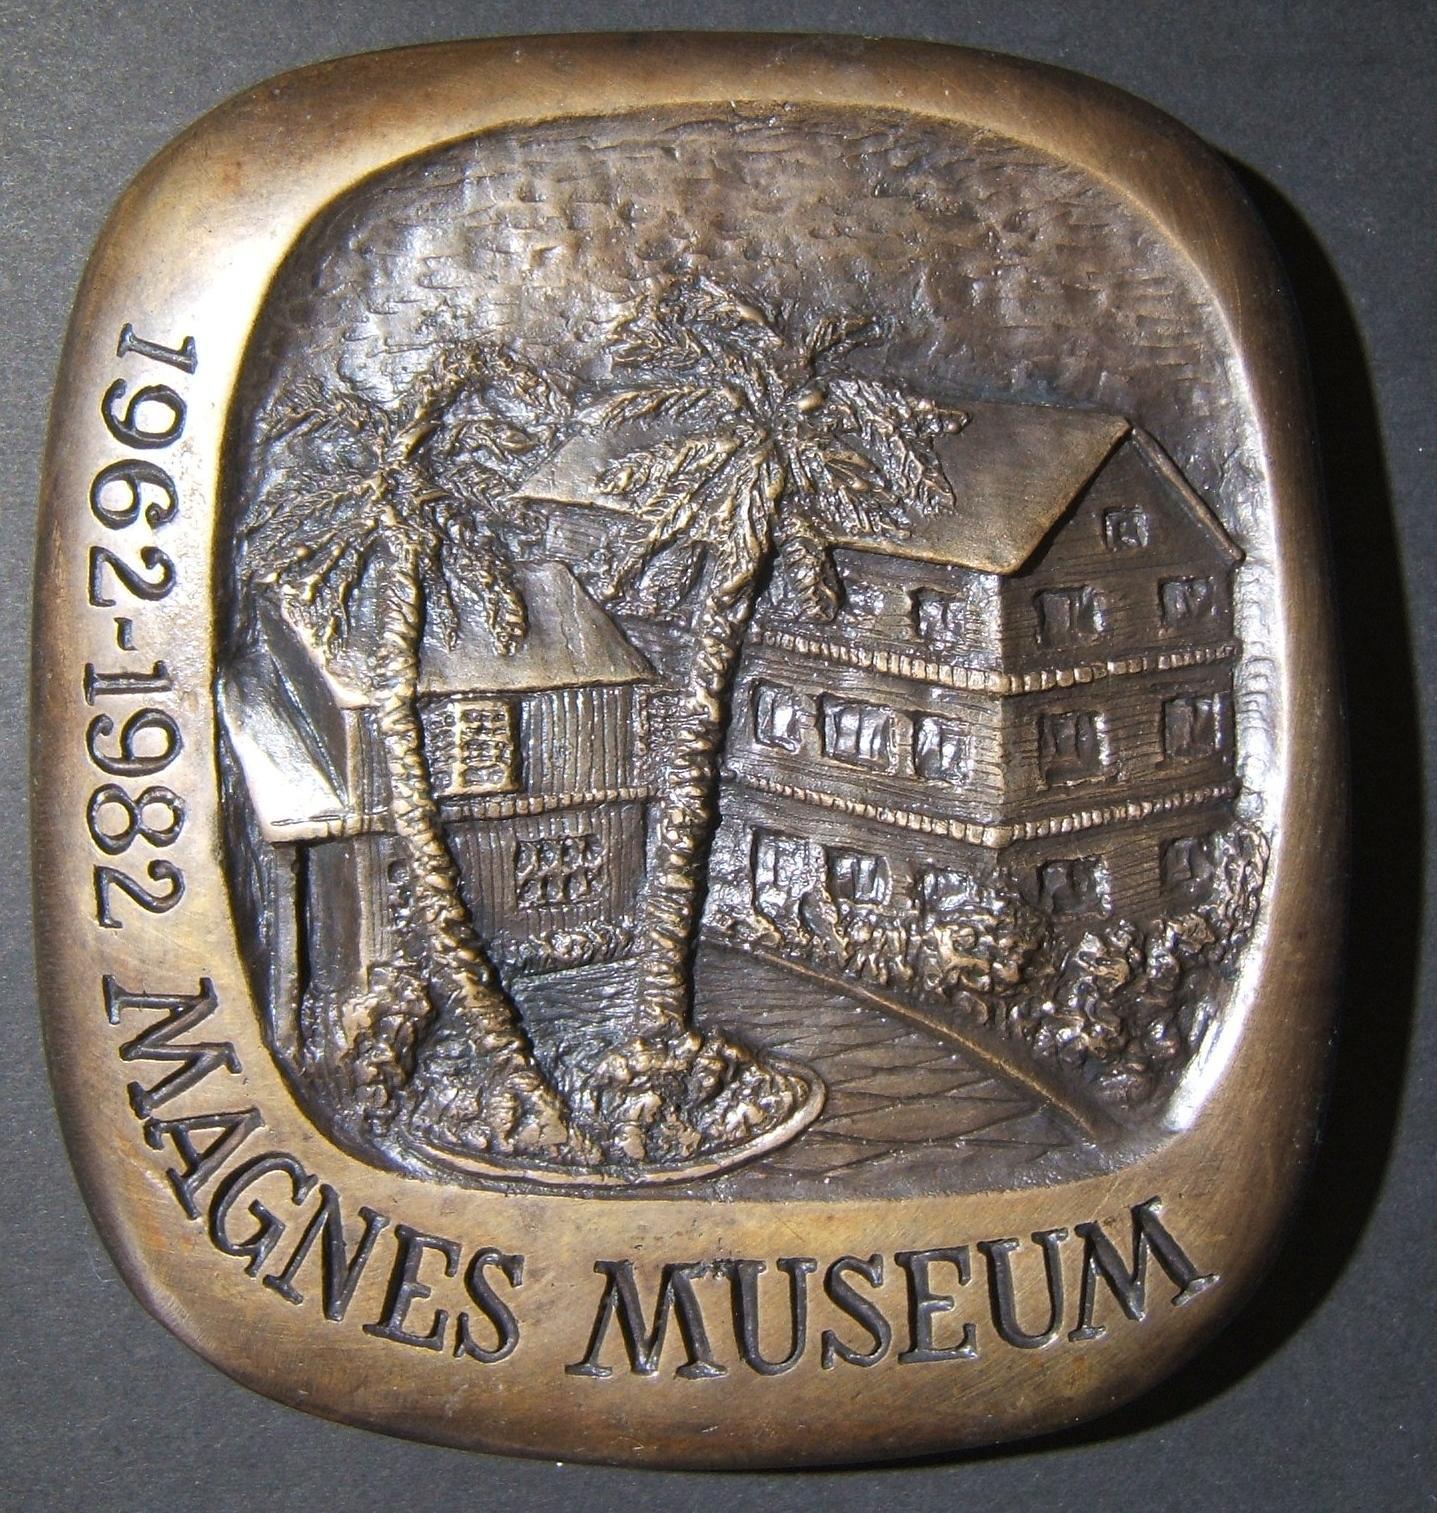 Vereinigte Staaten: Judah Magnes / Magnes Museum, 20. Jahrestag (?) Basrelief Bronzemedaille von Marika Somogyi, ca. 1982; Größe: 110 x 117 mm; Gewicht: 1151 g. Vorderseite: nach r